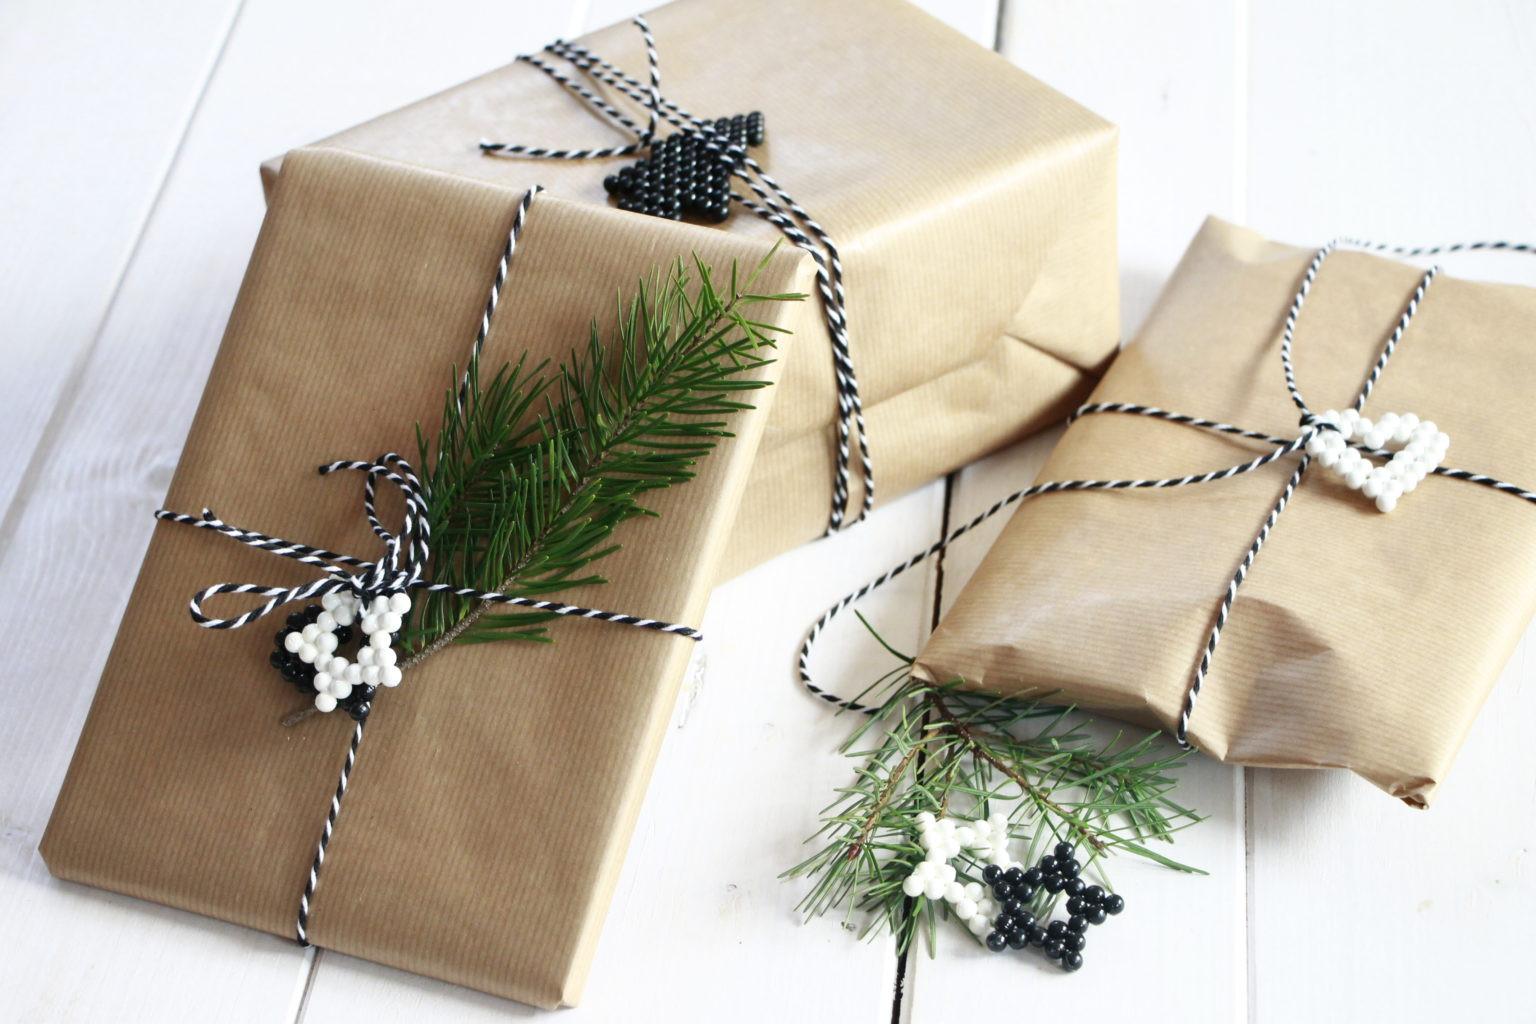 Ideen Für Geschenke  Weihnachtsgeschenke verpacken Ideen mit Aquabeads